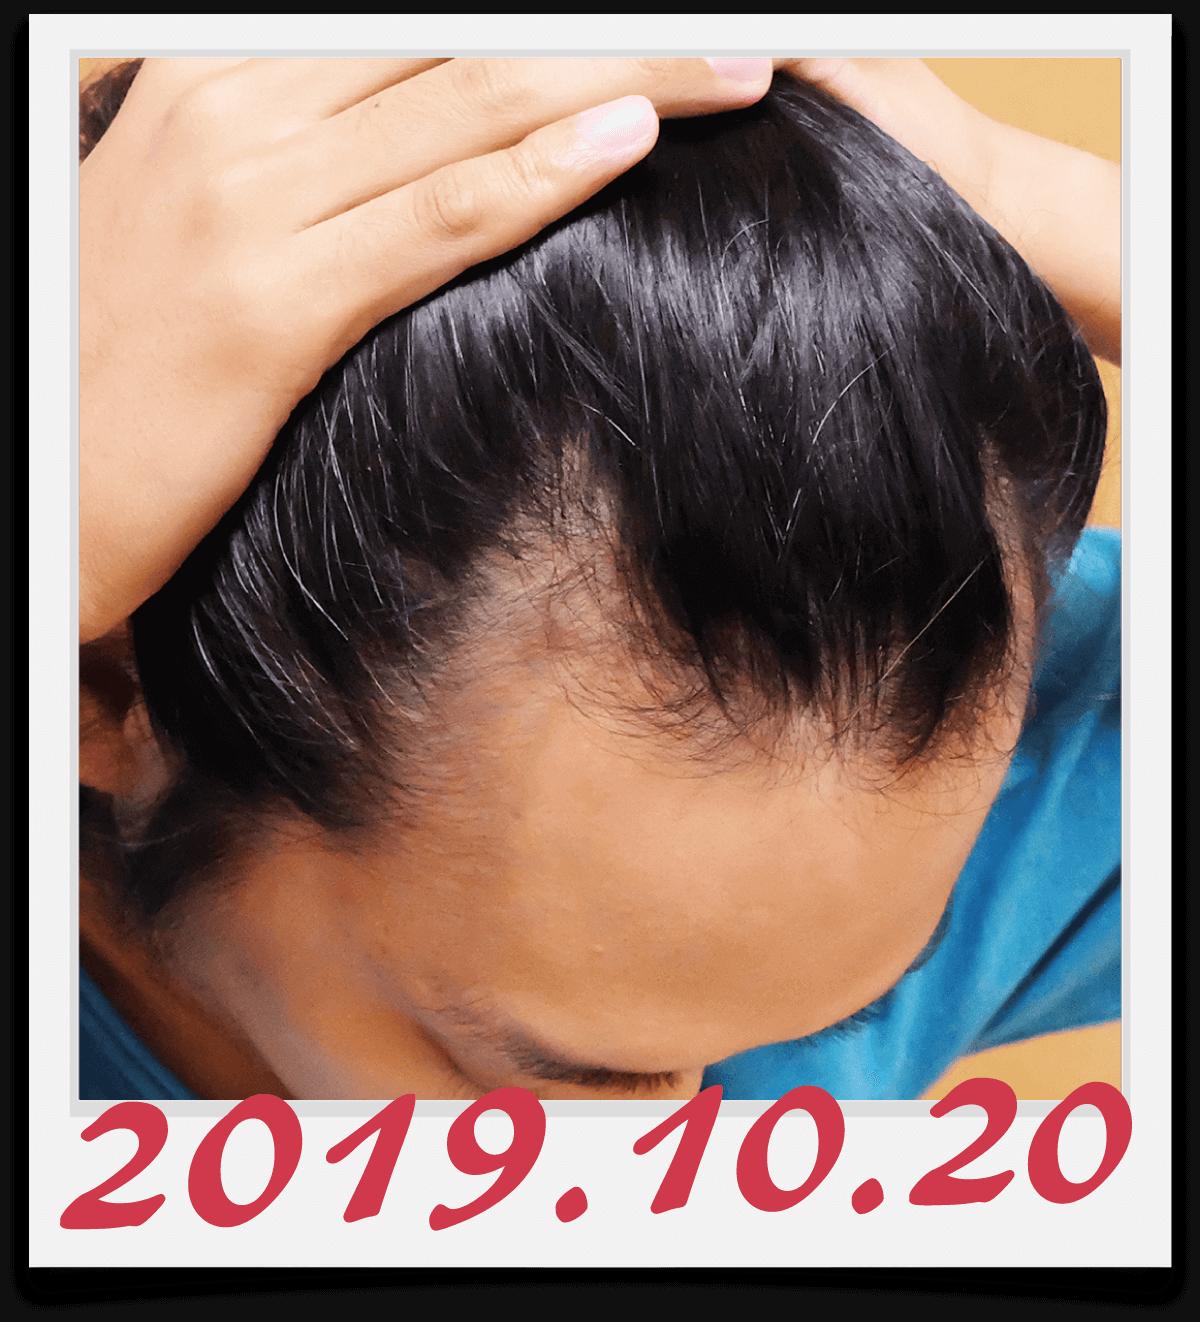 2019年10月20日に撮影した右側の生え際